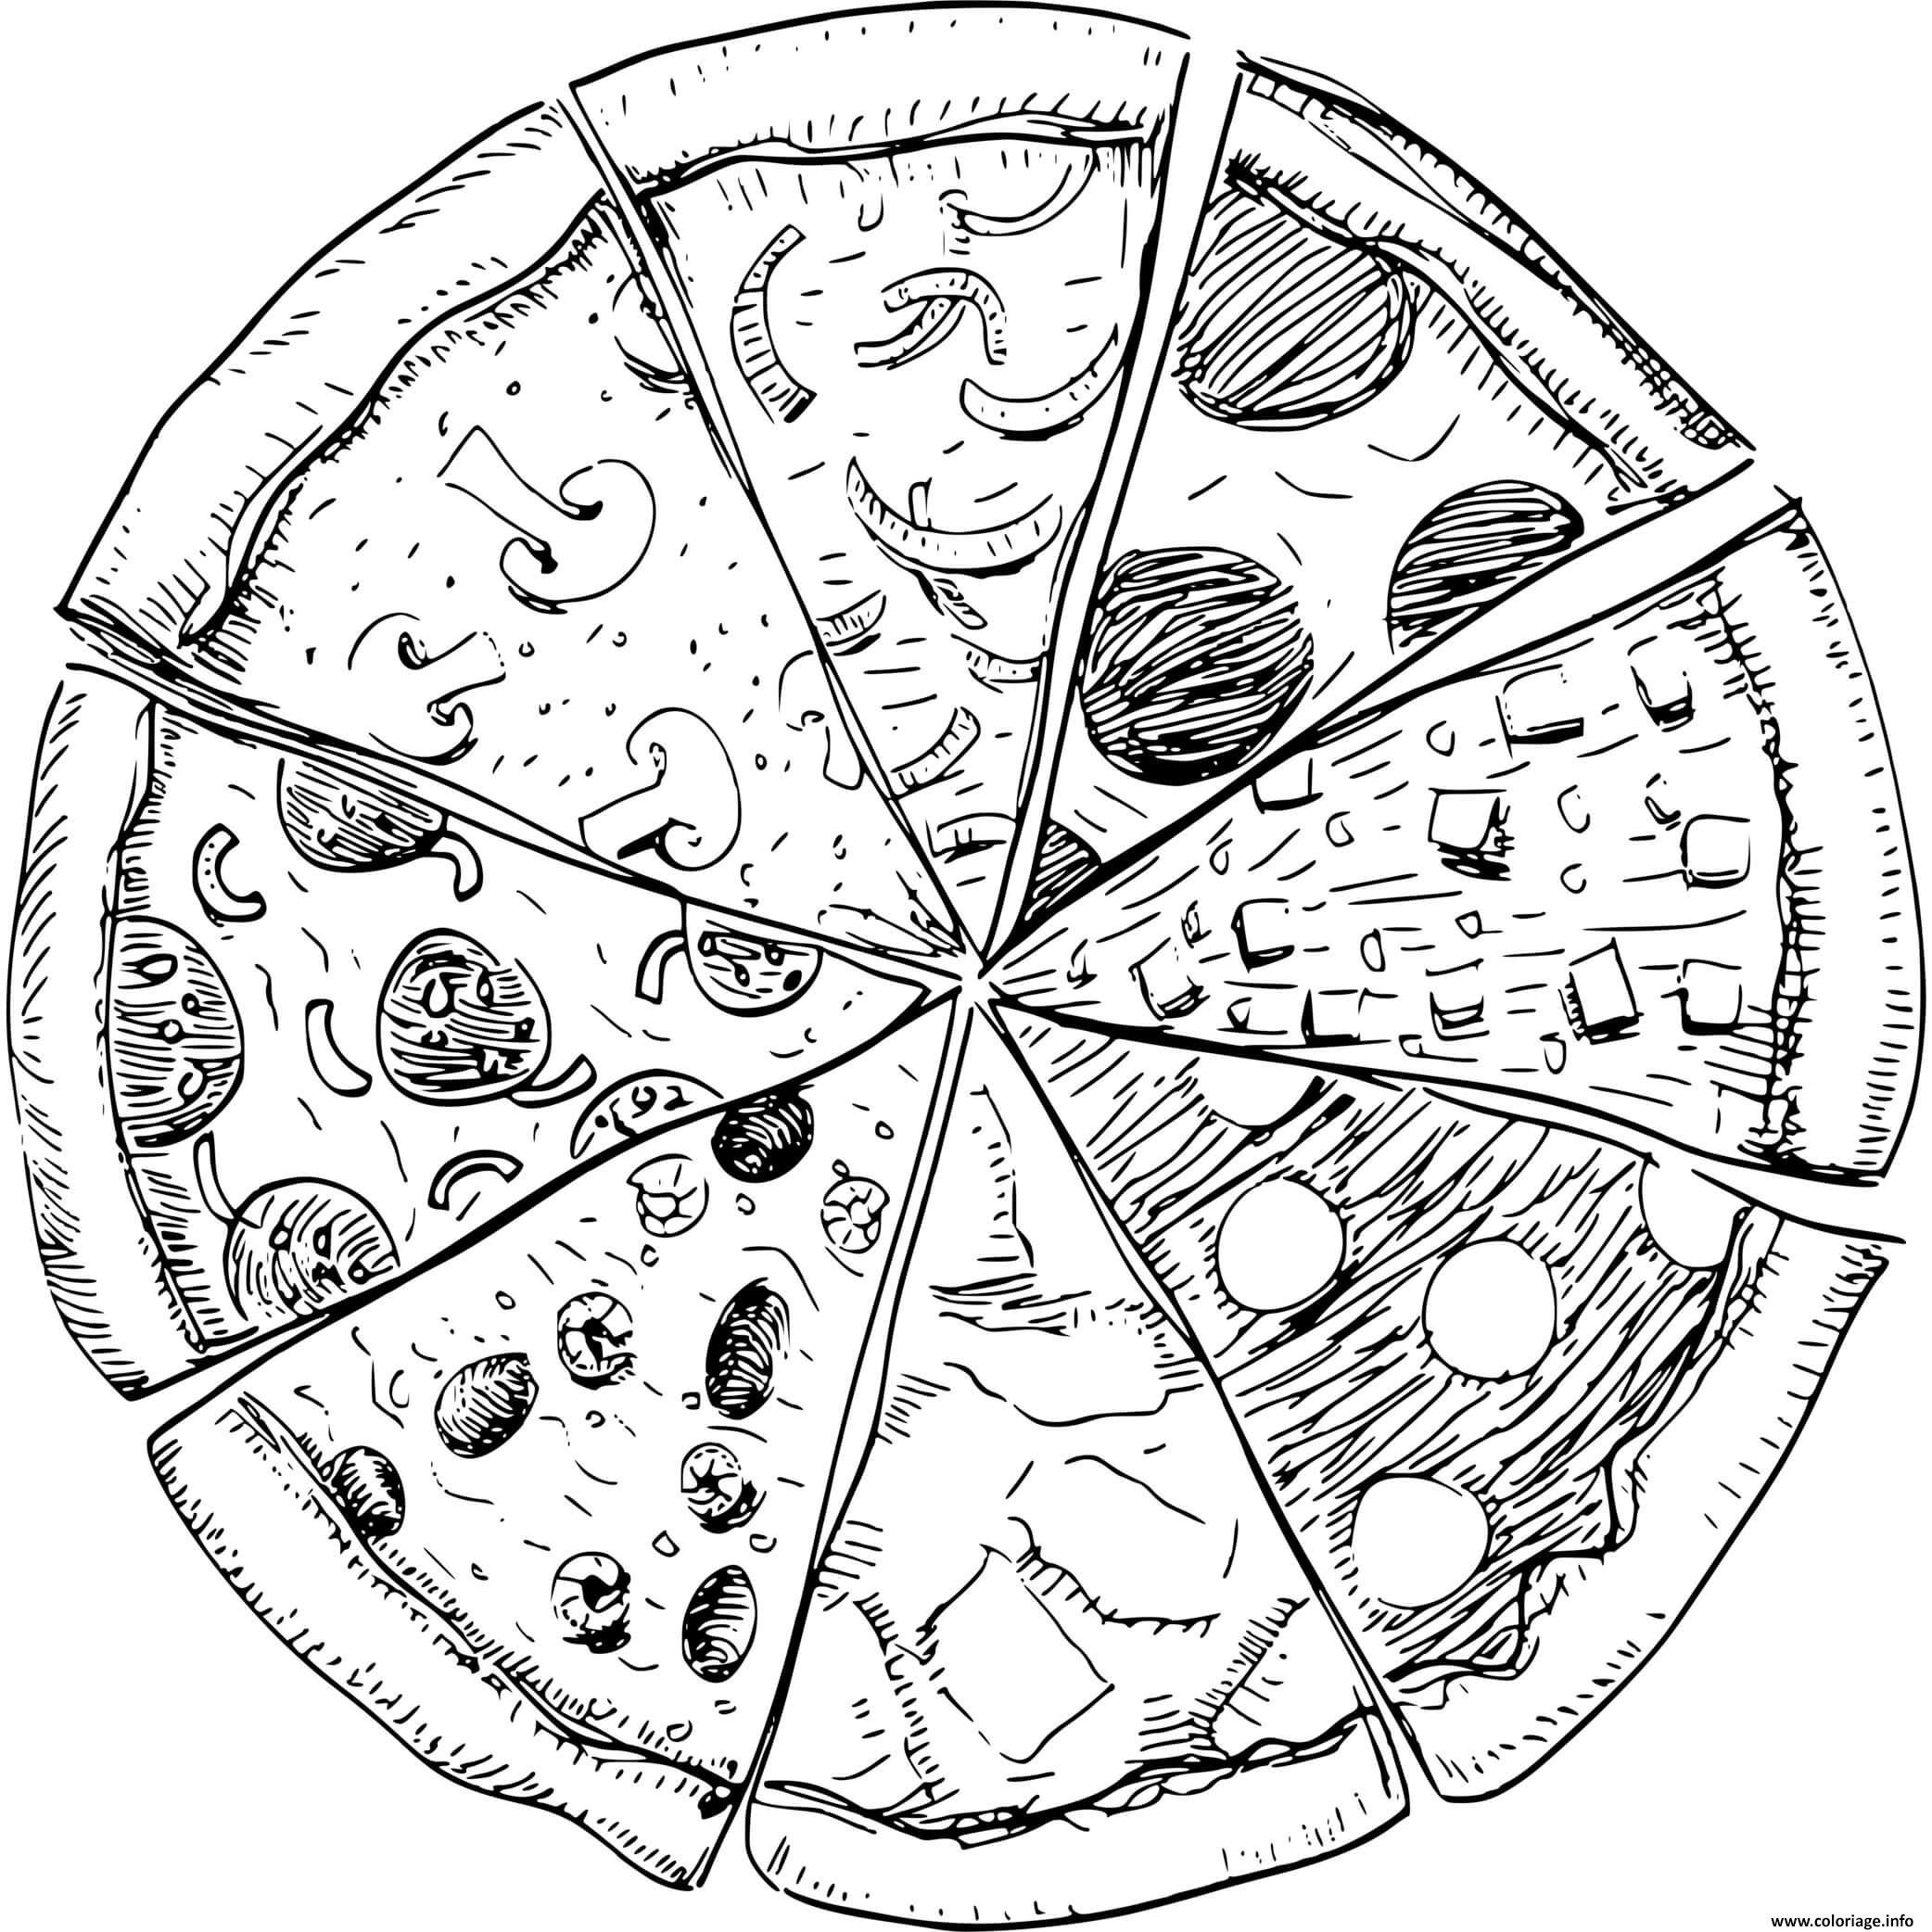 Dessin toutes les garnitures de pizza possible Coloriage Gratuit à Imprimer